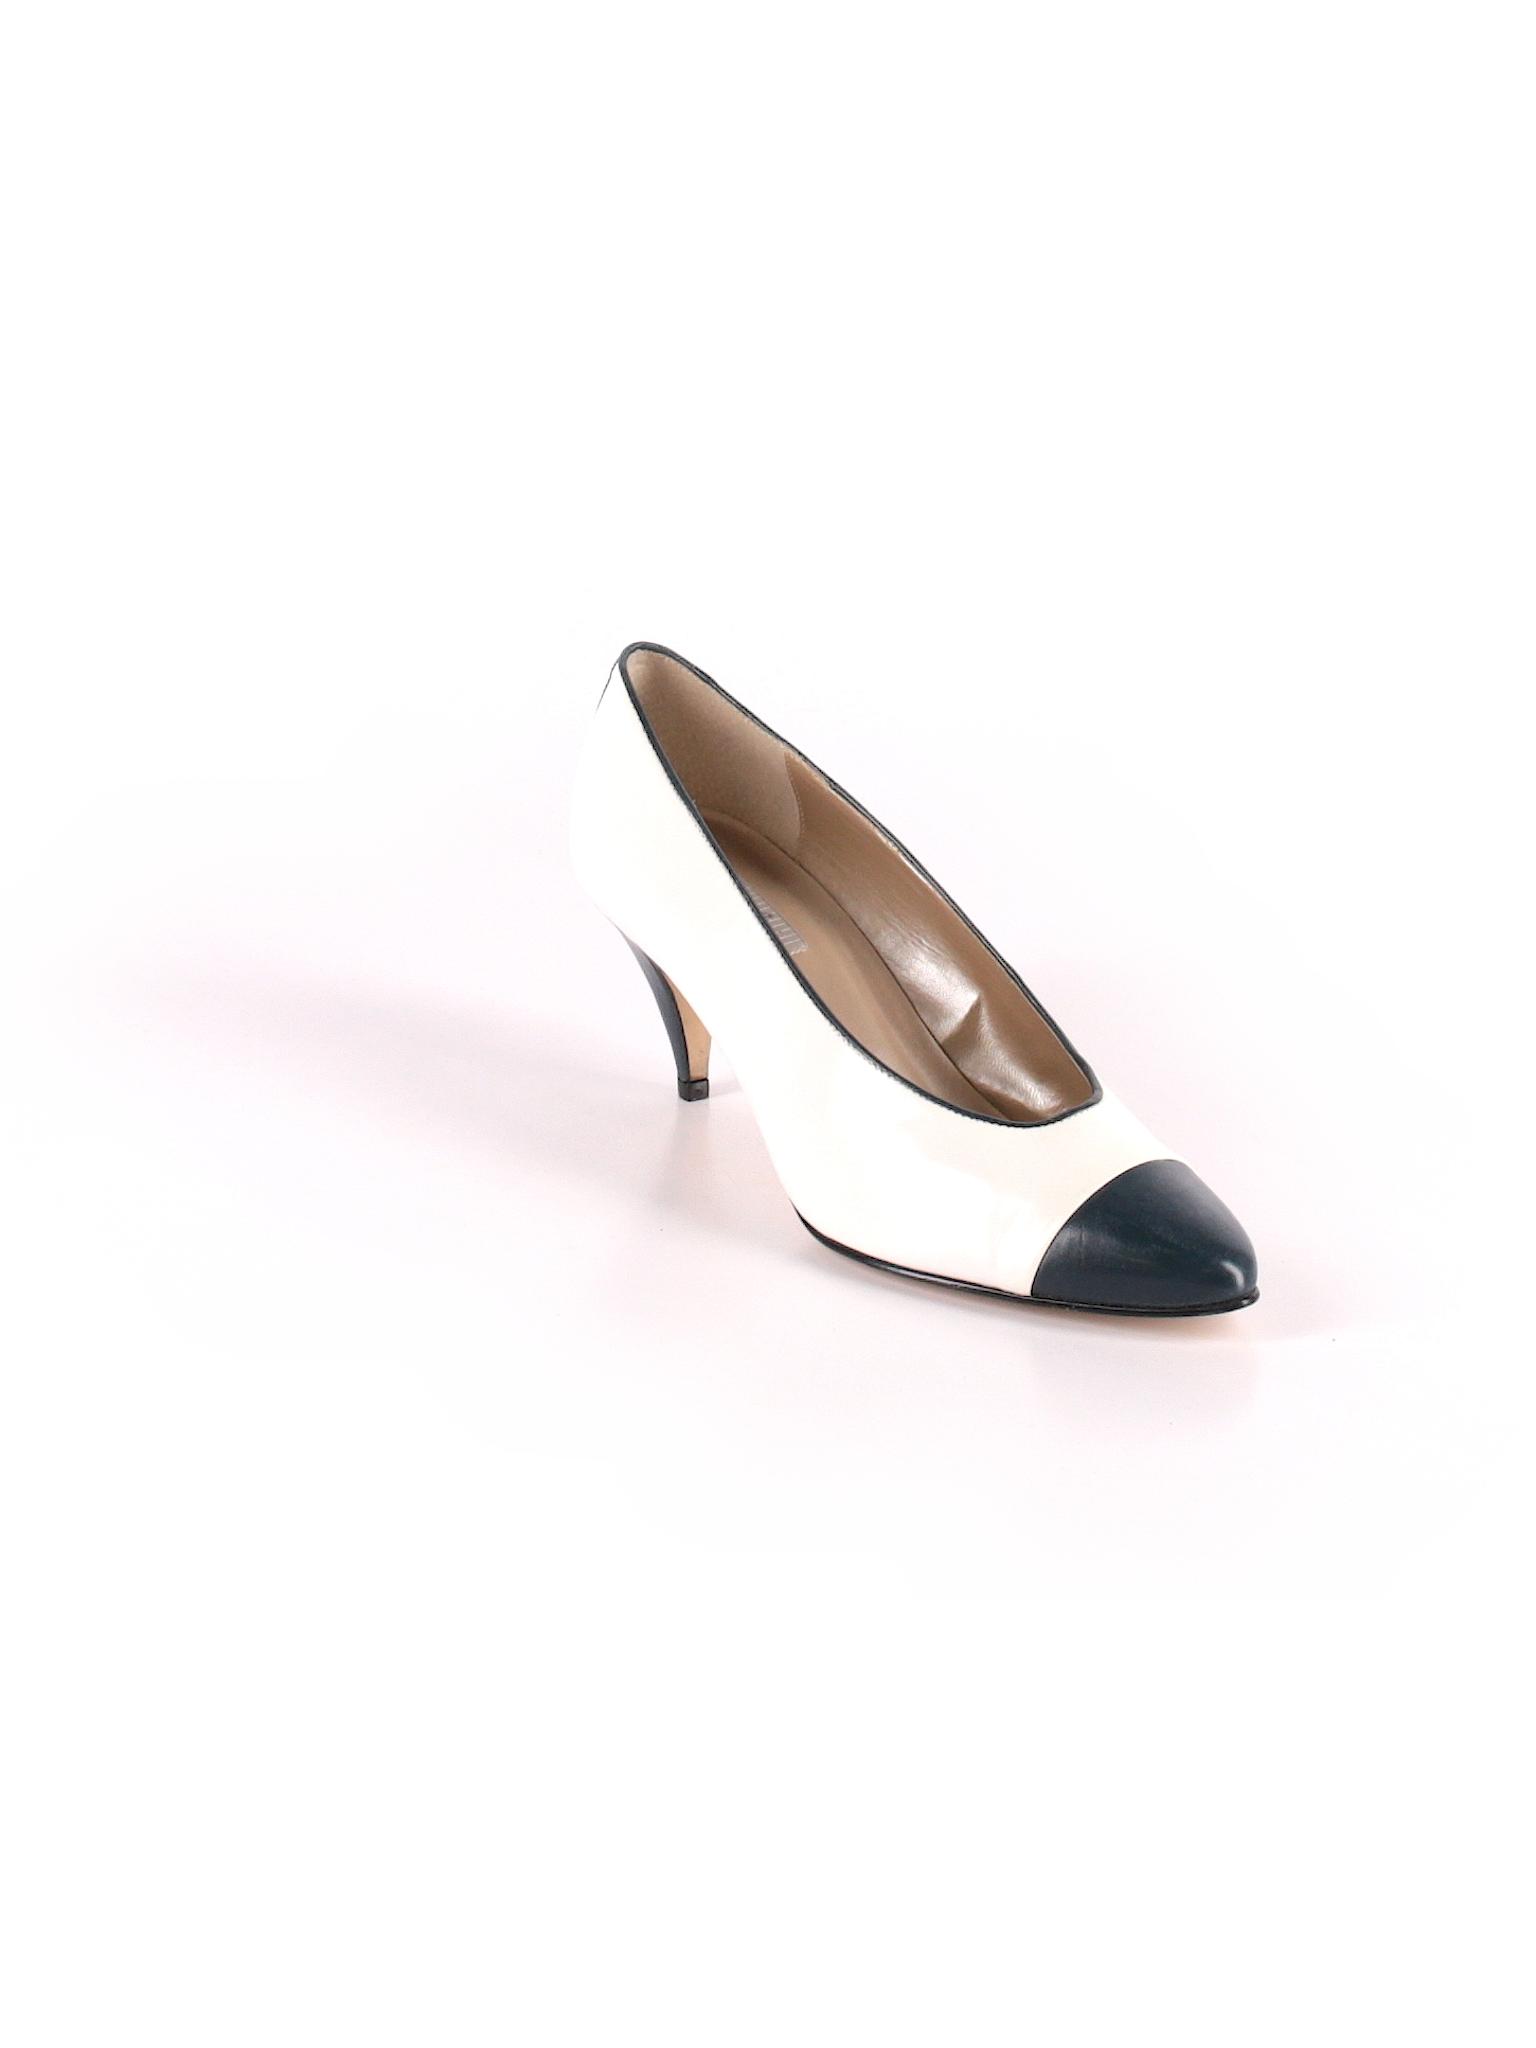 Jacqueline Boutique Ferrar Boutique Jacqueline Heels Ferrar Heels promotion promotion Opwg4gtx